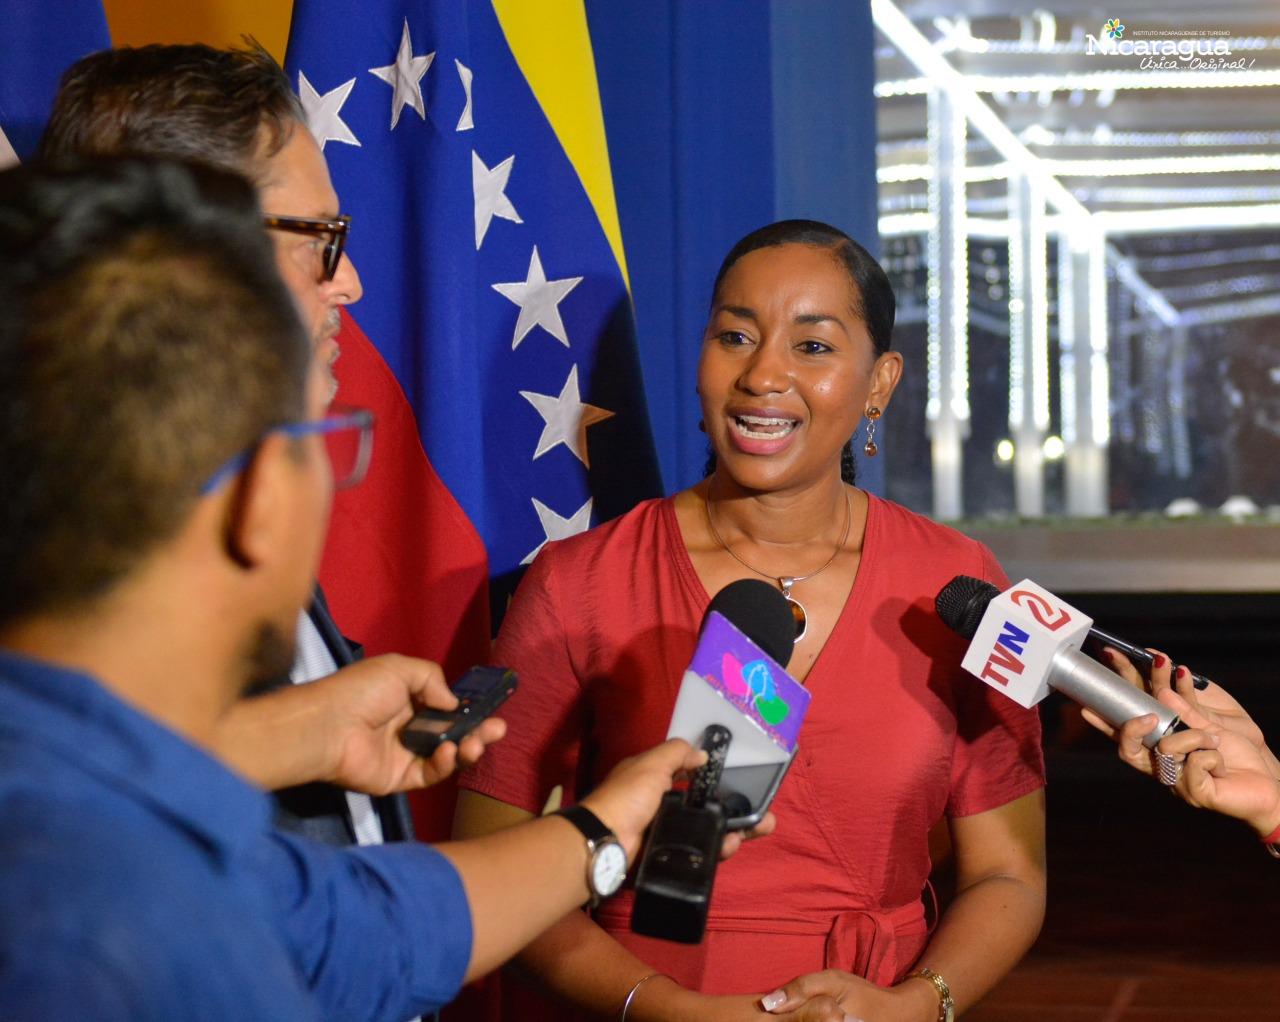 vMinistro de turismo venezuela en Nicaragua